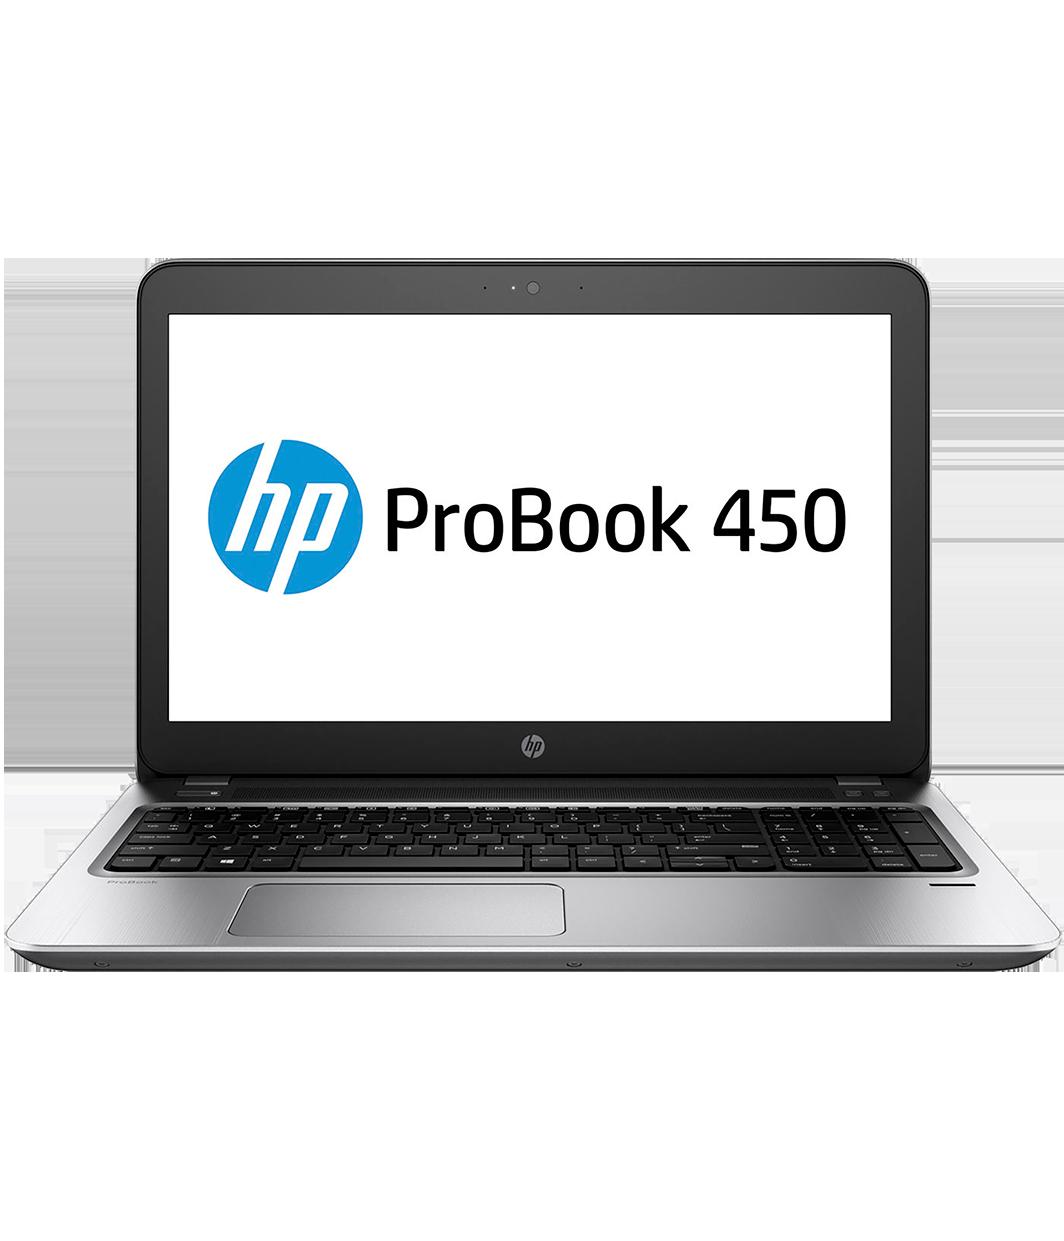 HP ProBook 450 G4 i5 1TB